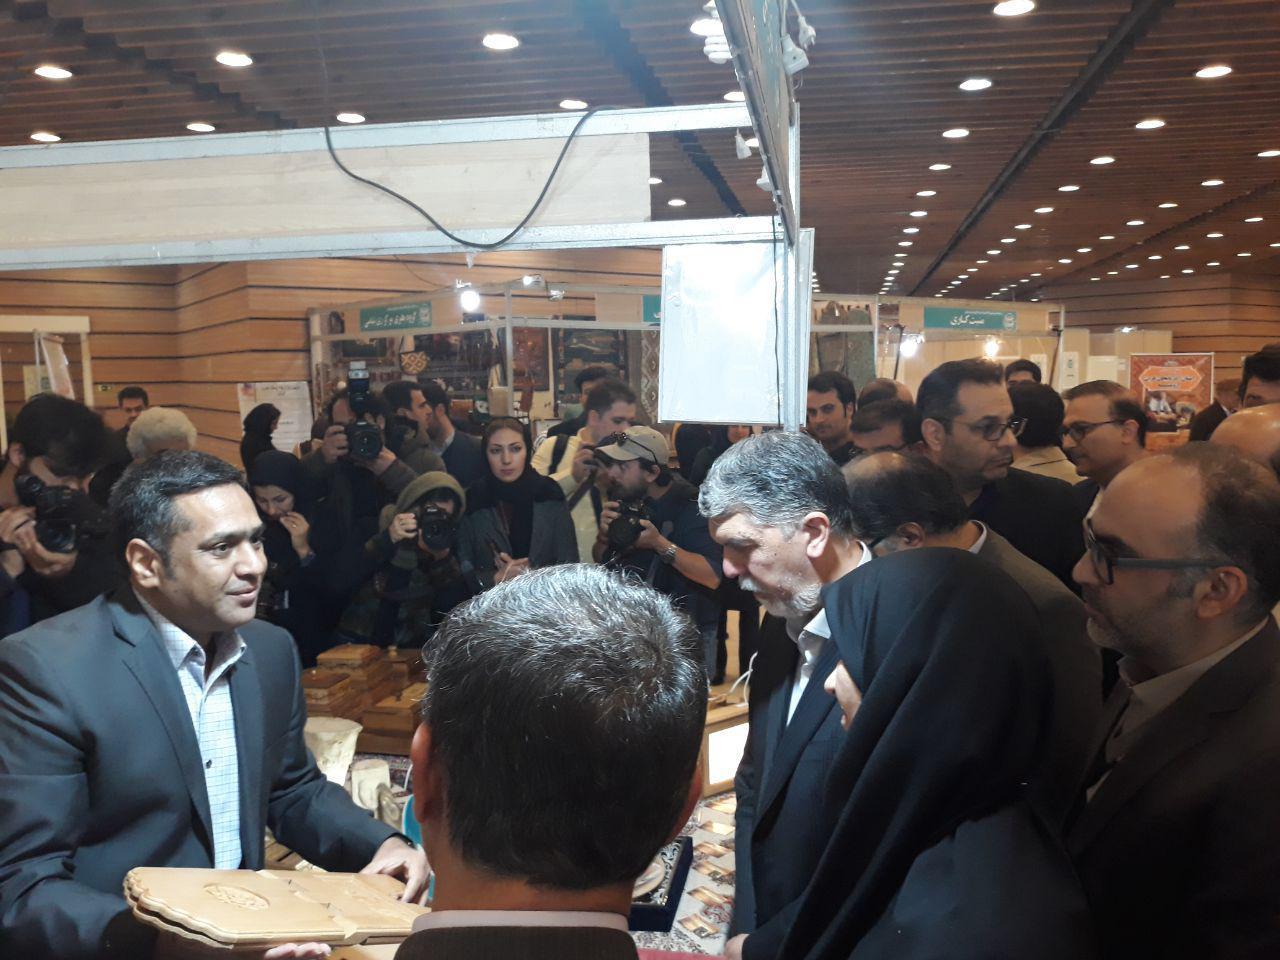 بازدید وزیر ارشاد از نمایشگاه کالاهای فرهنگی با الگوی ایرانی اسلامی